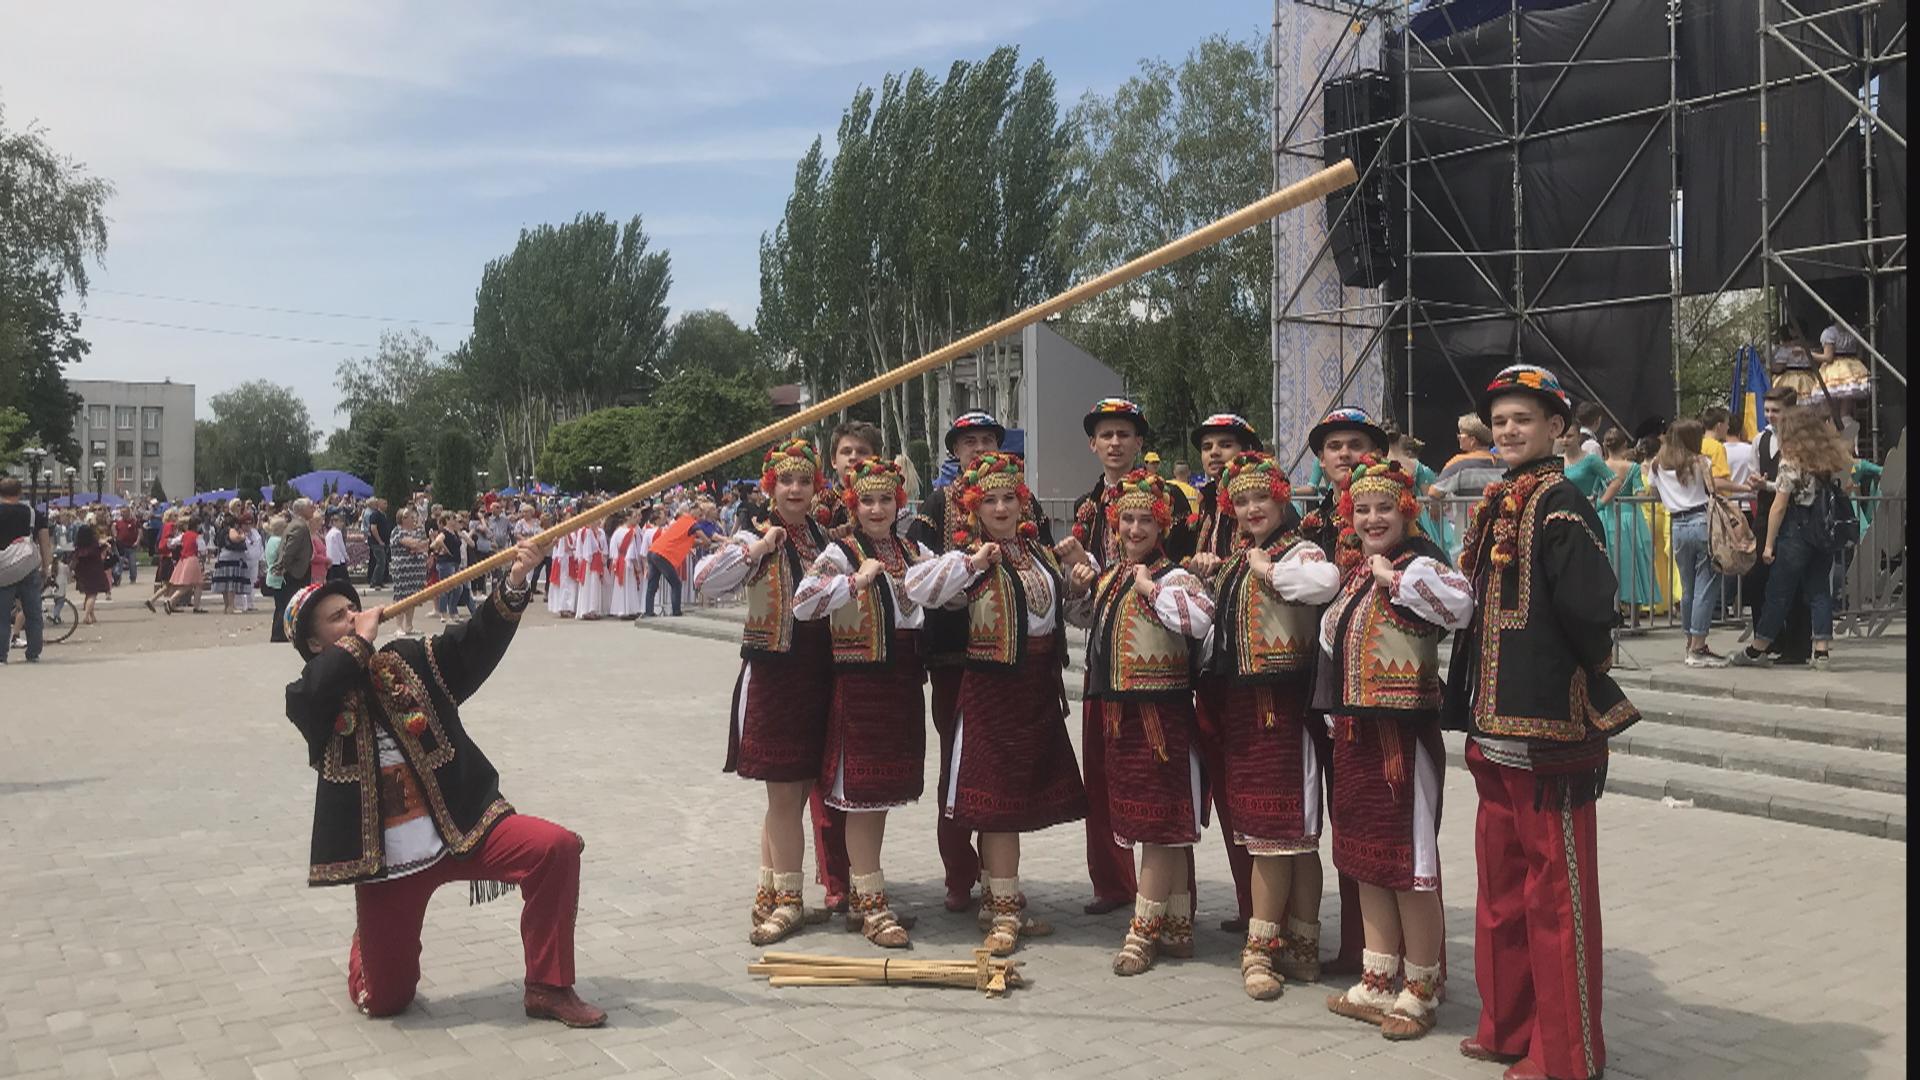 Коломийський танцювальний колектив виступив на Донбасі (відеосюжет)